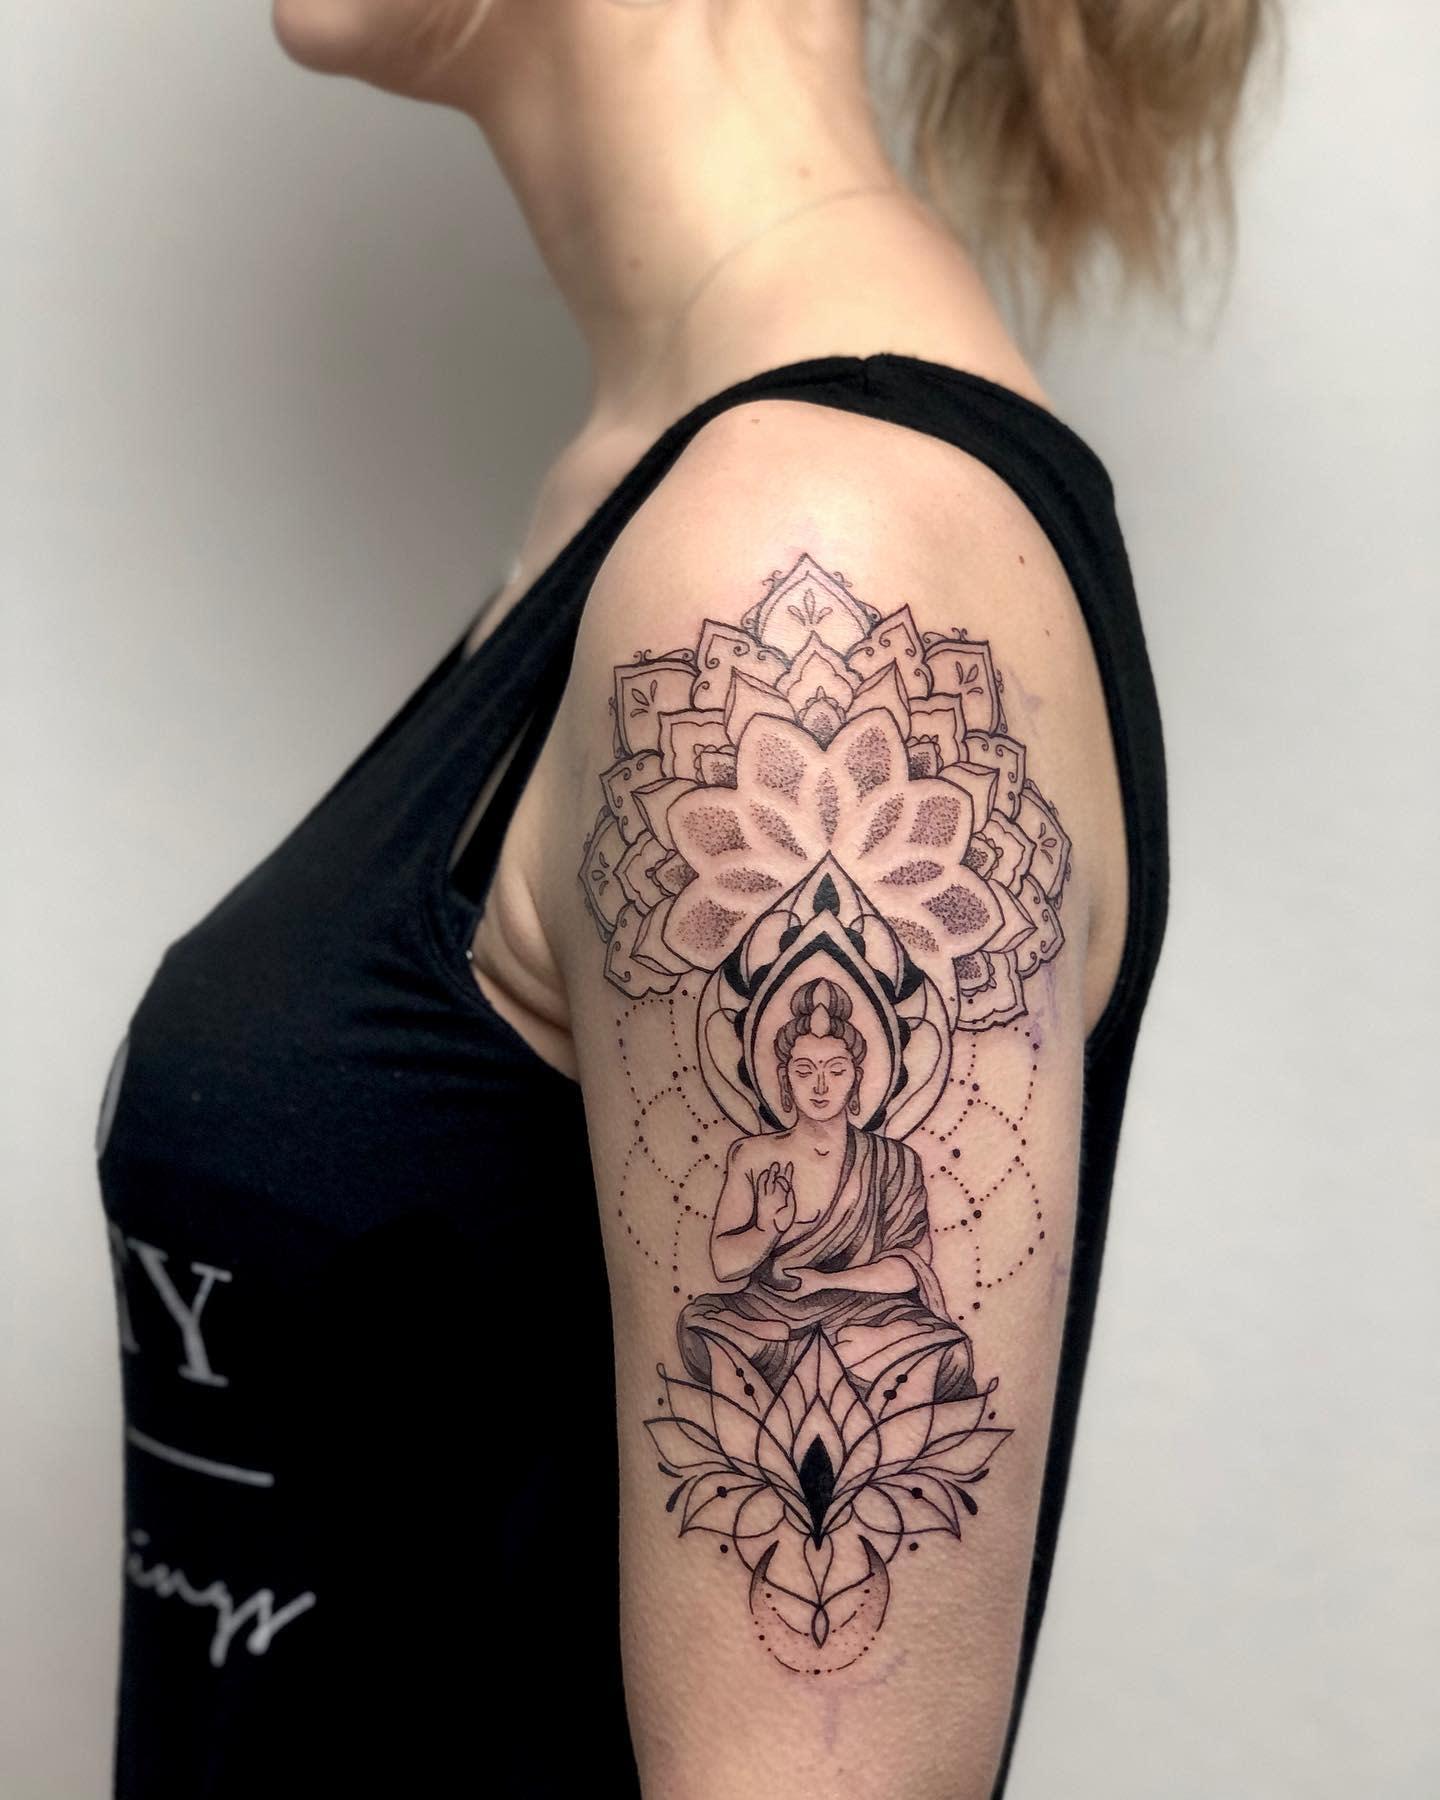 Mandala Buddha Tattoo -ksy.tattoo